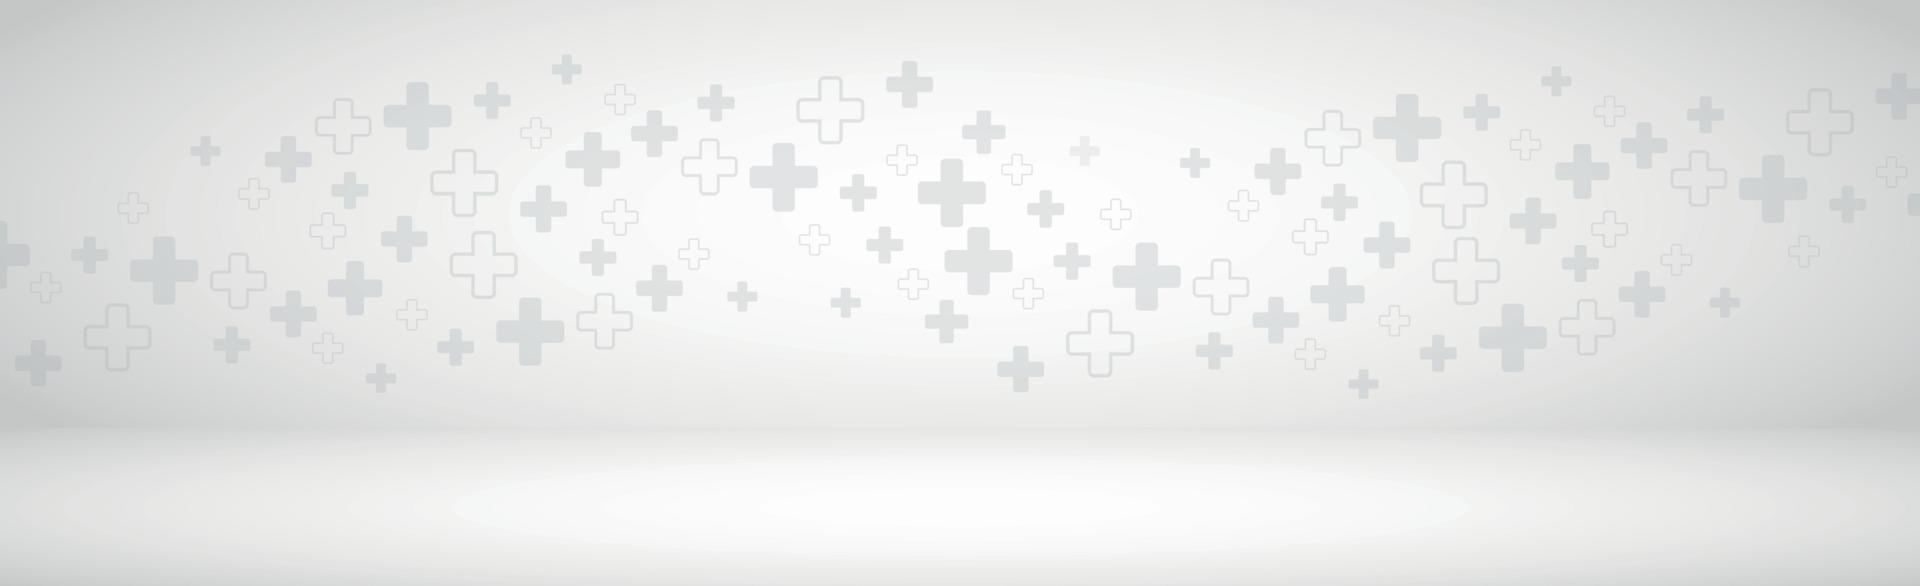 medicinsk volymetrisk grå bakgrundspanorama med många kors vektor